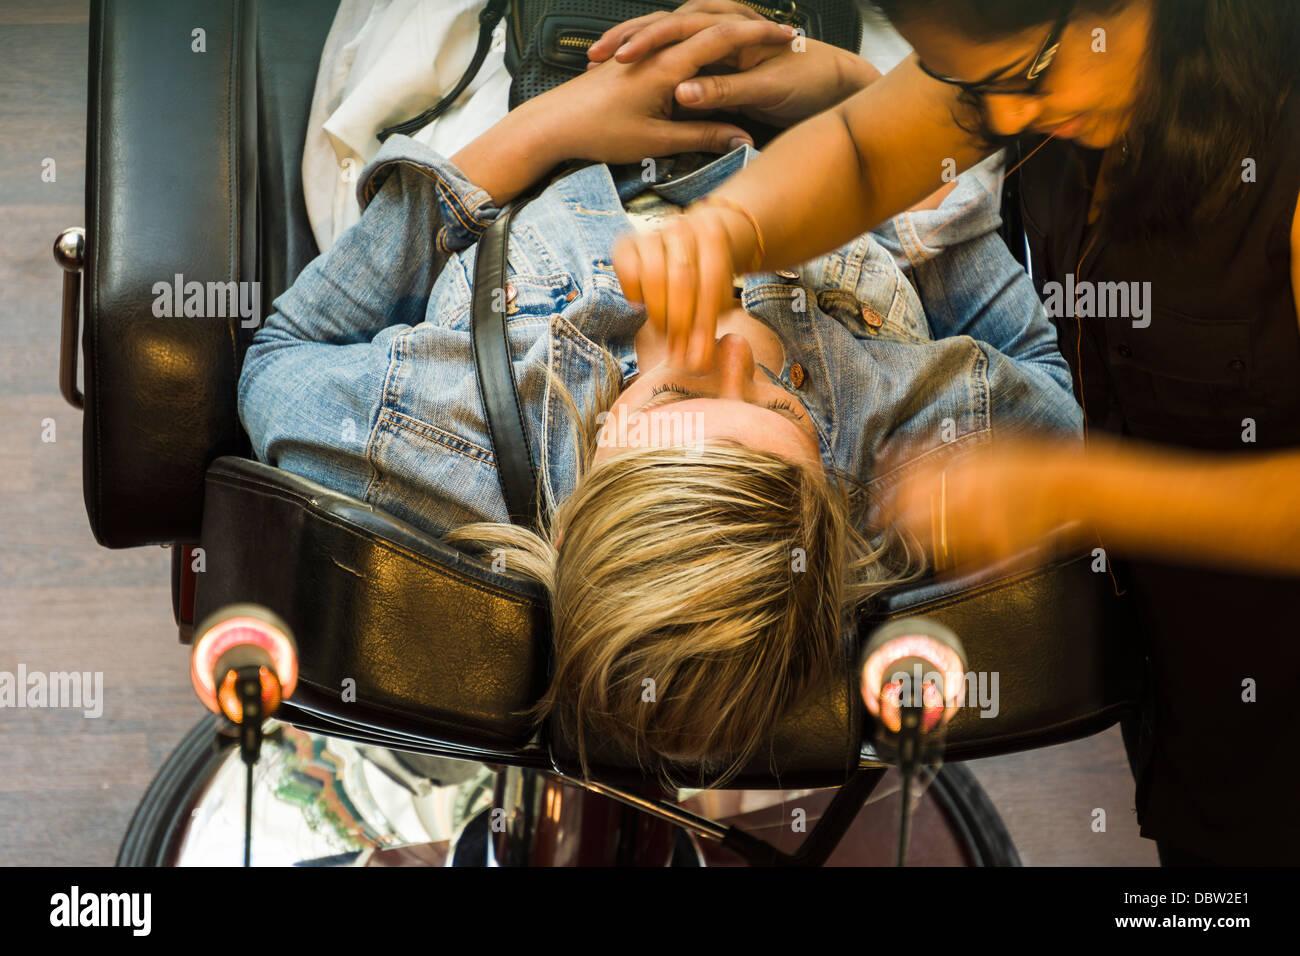 Una donna riceve un trattamento del viso trattamento di bellezza da un negozio di estetista. Immagini Stock